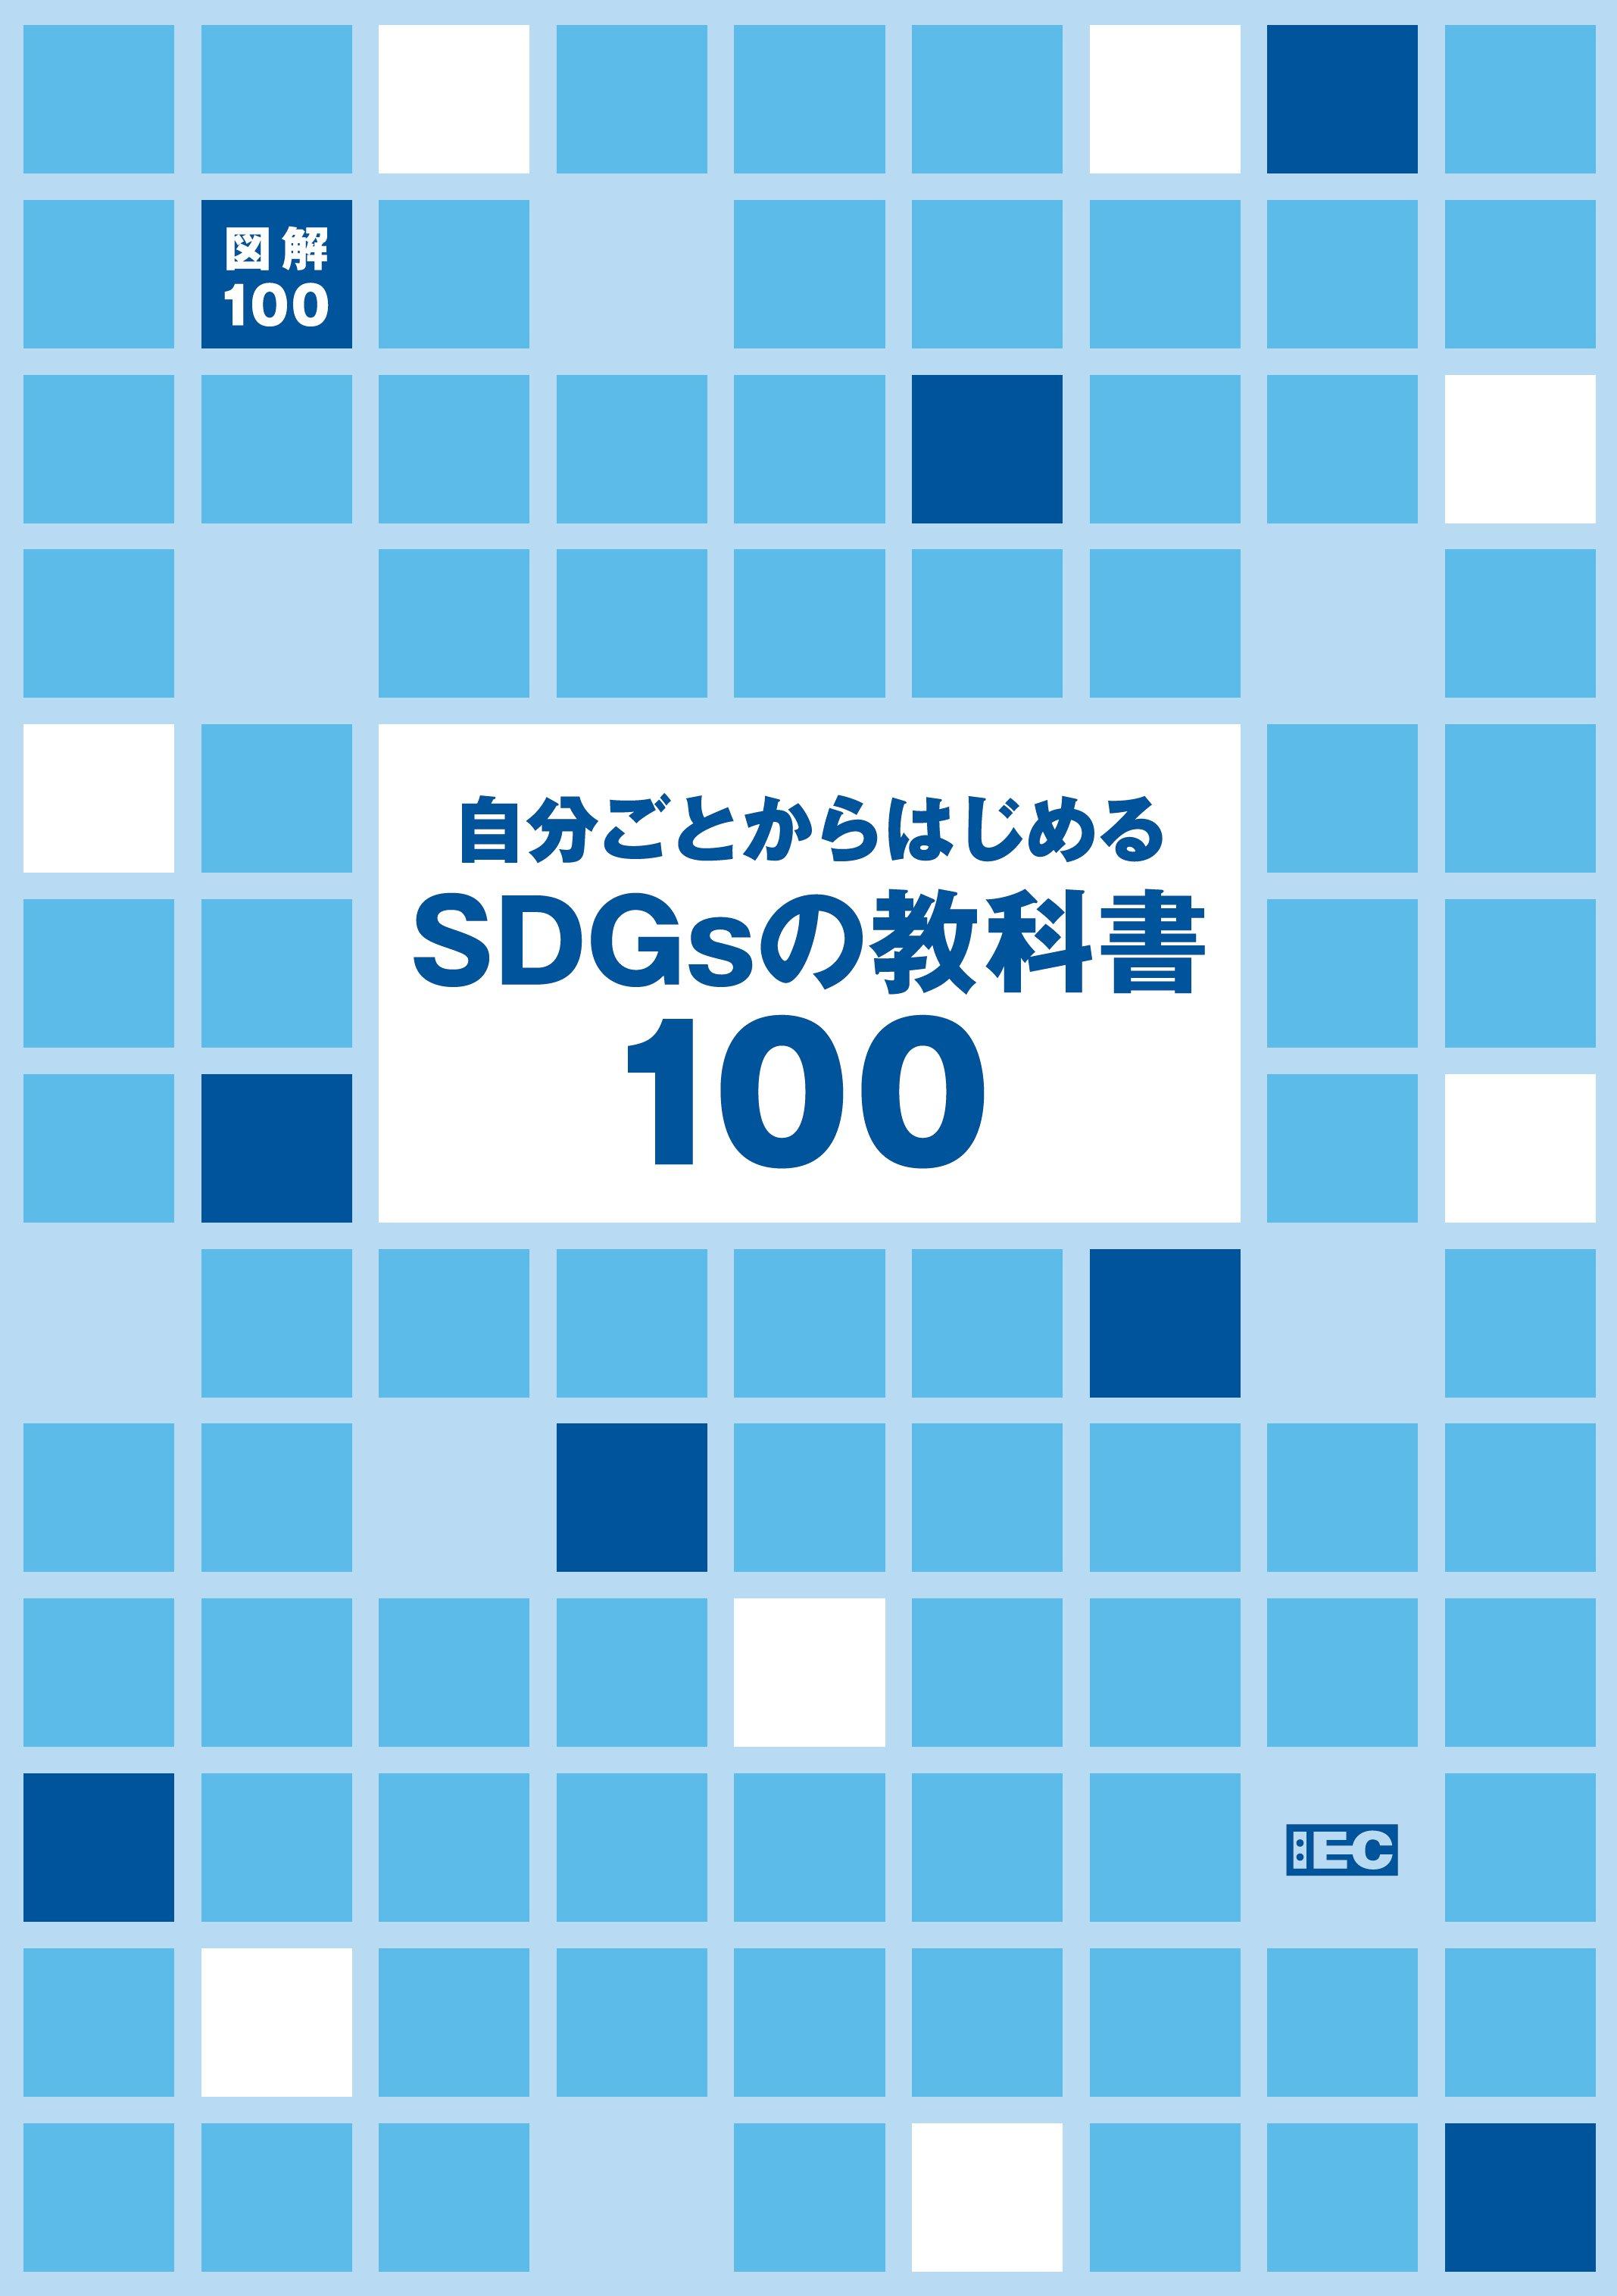 SDGsの教科書100の教材